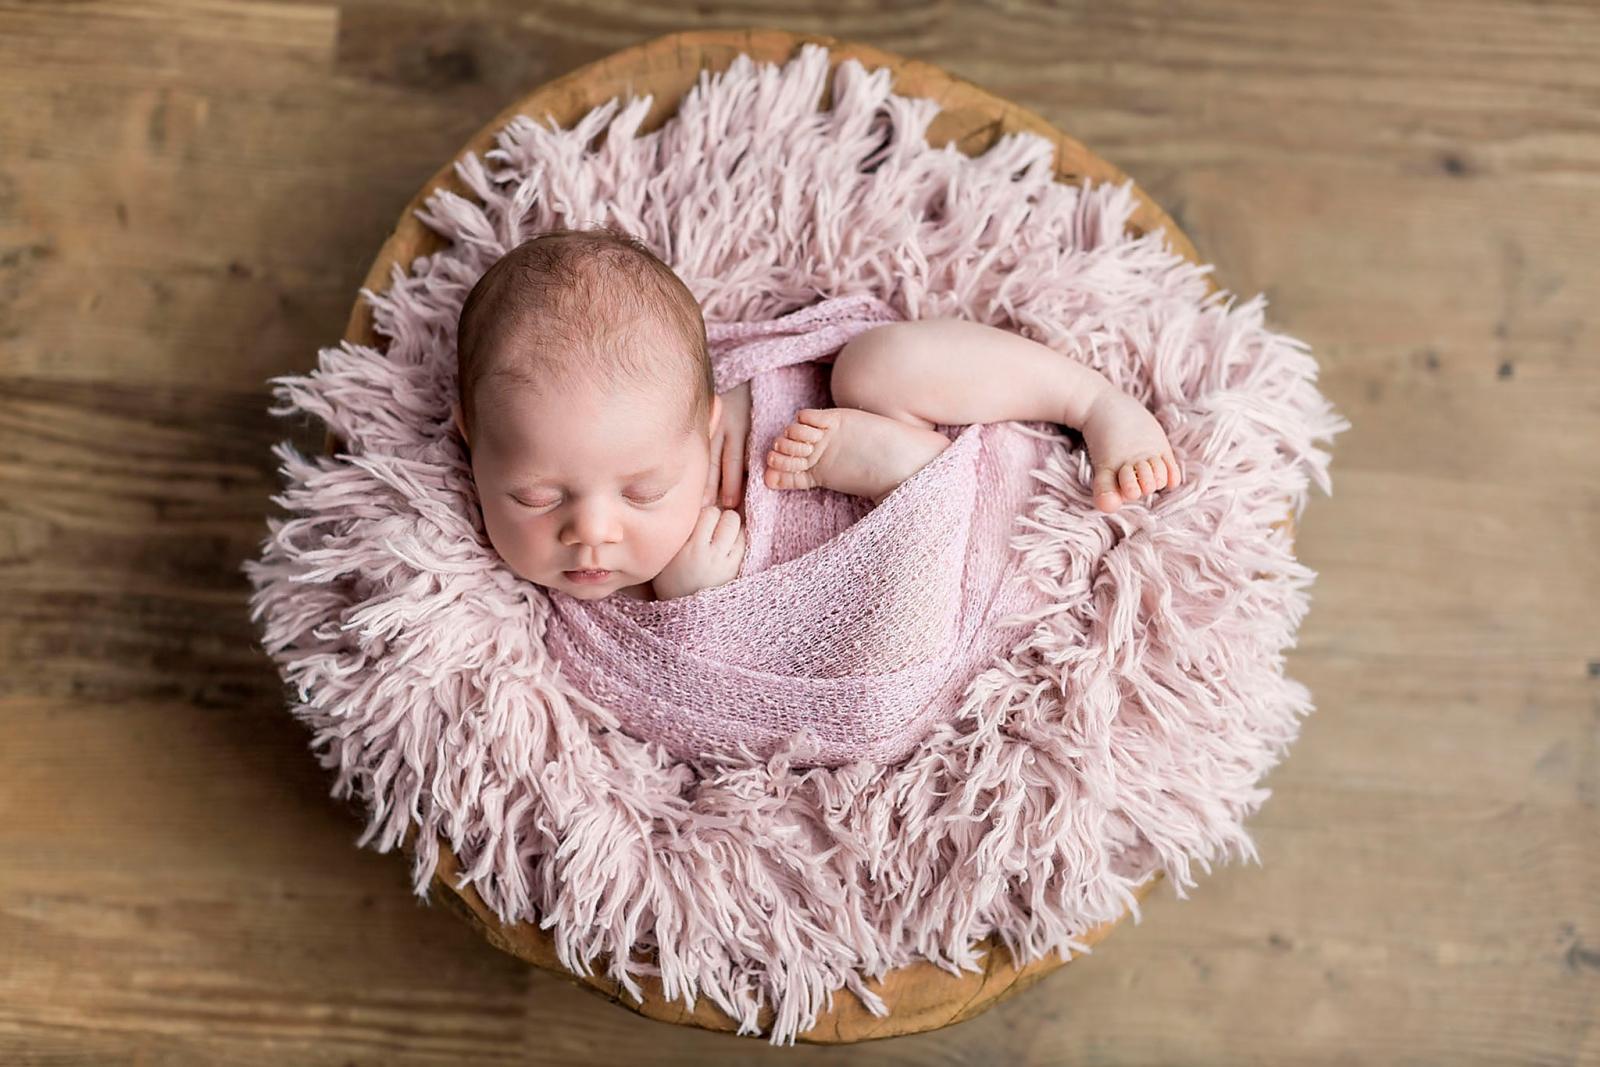 Newbornshoot pasbgeboren meisje Nijmegen Lent Oosterhout Beuningen